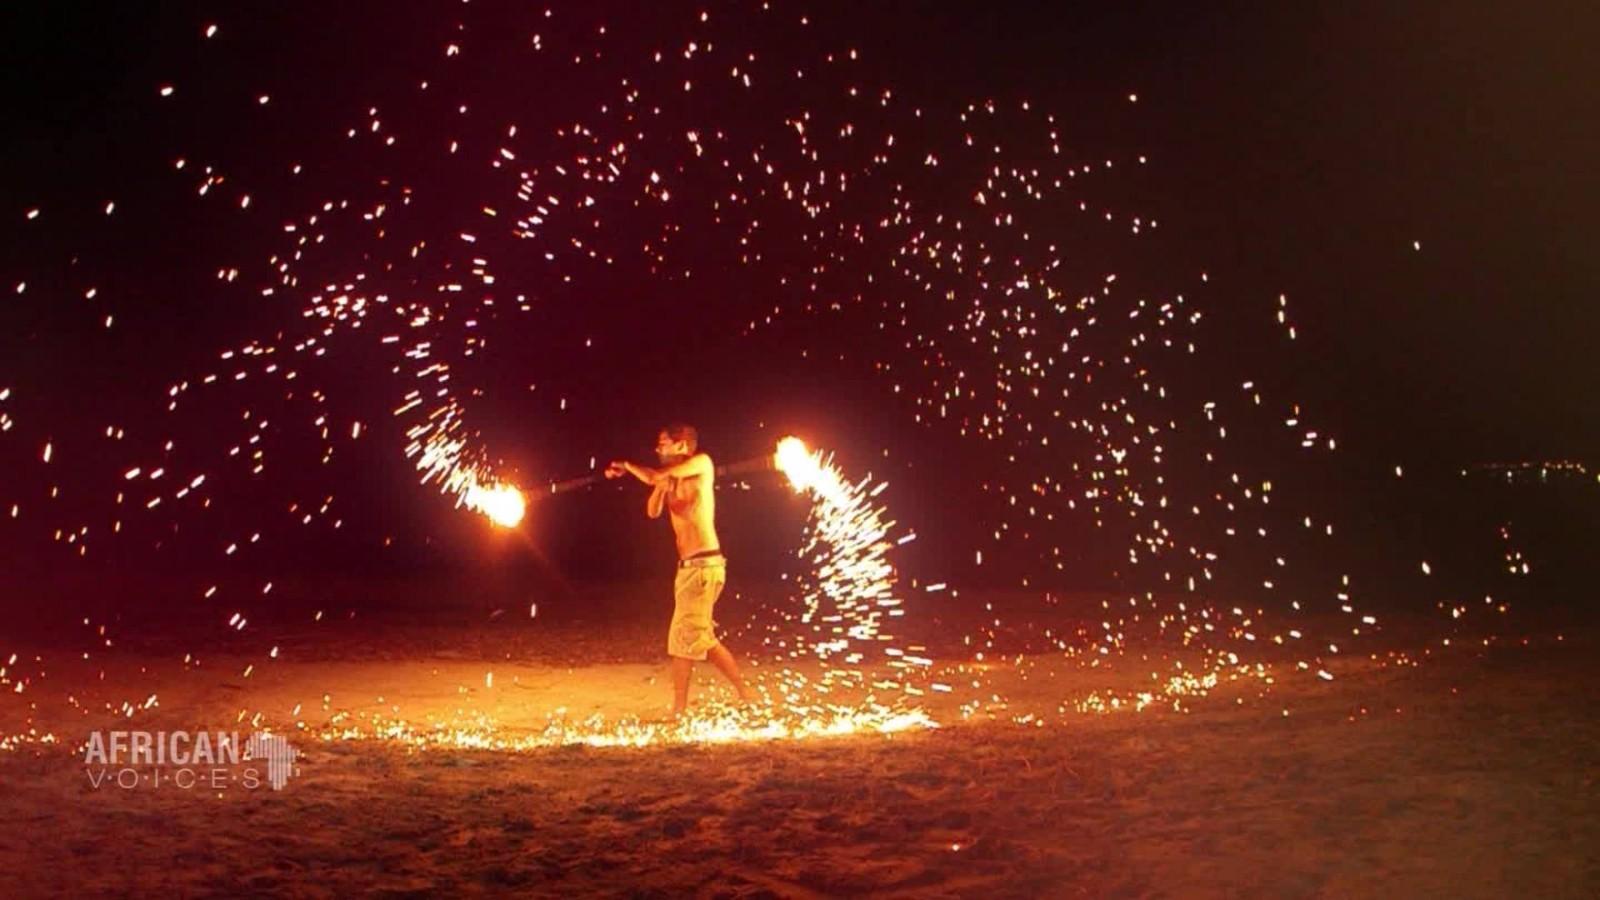 fire twirling in video